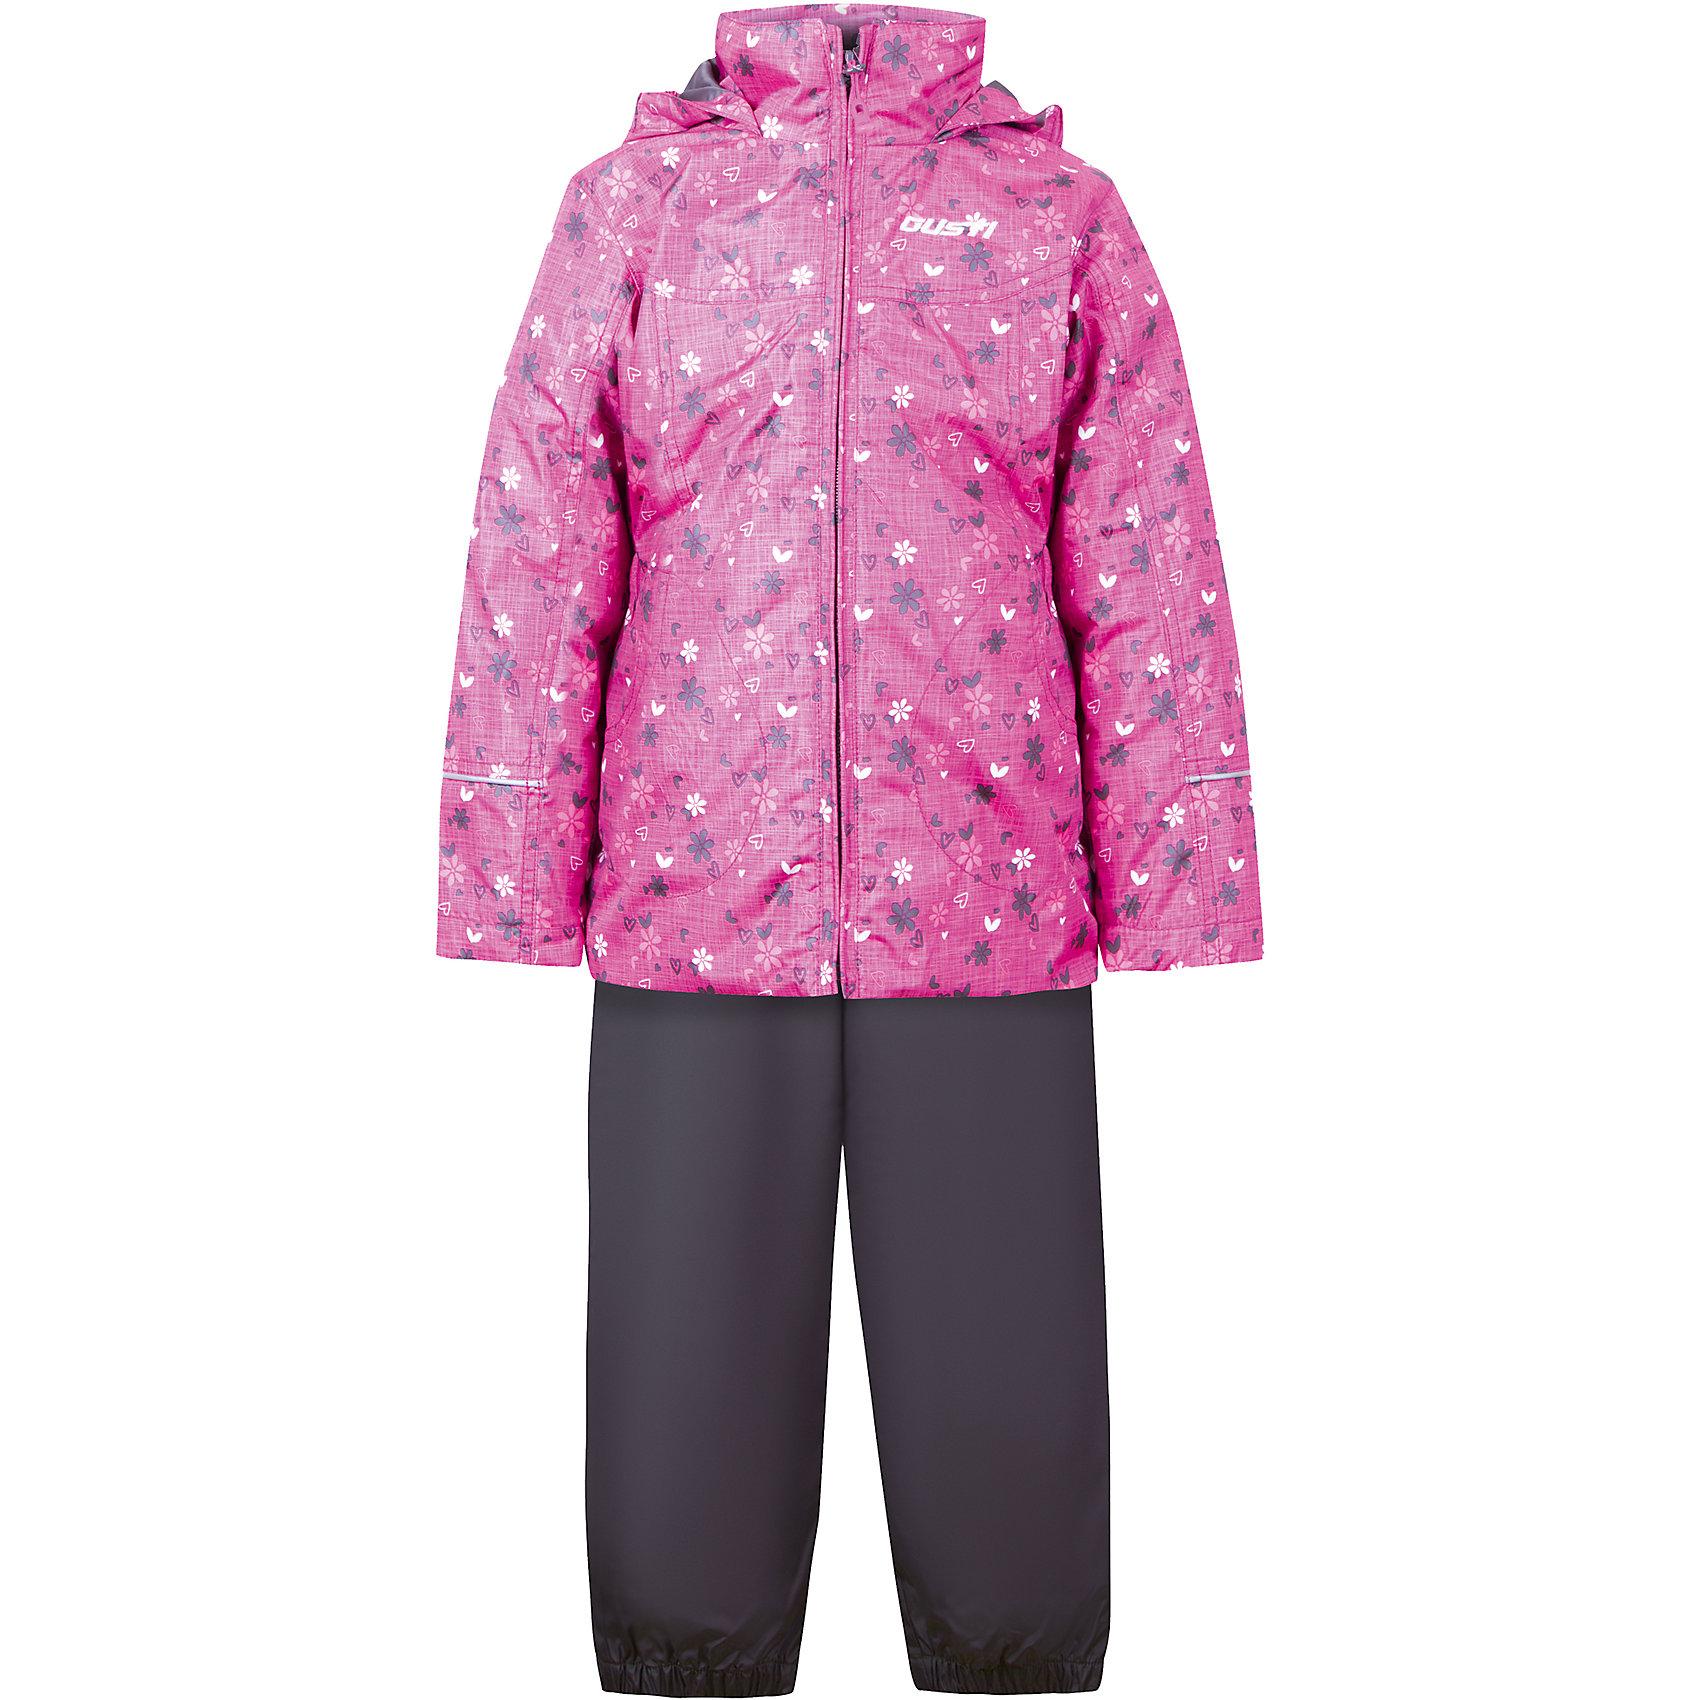 Комплект: куртка, толстовка и брюки для девочки GustiВерхняя одежда<br>Характеристики товара:<br><br>• цвет: розовый<br>• состав: 100% полиэстер, подкладка, утеплитель - 100% полиэстер<br>• комплектация: куртка, съемная флисовая подкладка, брюки<br>• температурный режим: от +5° С до +15° С<br>• водонепроницаемый материал<br>• капюшон<br>• карманы<br>• съемные подтяжки<br>• брючины эластичные<br>• комфортная посадка<br>• светоотражающие элементы<br>• молния<br>• утеплитель: синтепон<br>• демисезонный<br>• страна бренда: Канада<br><br>Этот демисезонный комплект из куртки, пристегивающейся к ней толстовки из флиса, и штанов поможет обеспечить ребенку комфорт и тепло. Предметы удобно садятся по фигуре, отлично смотрятся с различной обувью. Комплект очень модно выглядит, он хорошо защищает от ветра и влаги. Материал отлично подходит для дождливой погоды. Стильный дизайн разрабатывался специально для детей.<br><br>Комплект: куртка, толстовка и брюки для девочки от известного бренда Gusti (Густи) можно купить в нашем интернет-магазине.<br><br>Ширина мм: 356<br>Глубина мм: 10<br>Высота мм: 245<br>Вес г: 519<br>Цвет: фиолетовый<br>Возраст от месяцев: 18<br>Возраст до месяцев: 24<br>Пол: Женский<br>Возраст: Детский<br>Размер: 92,122,128,140,152,98,100,104,110,116,120<br>SKU: 5452476